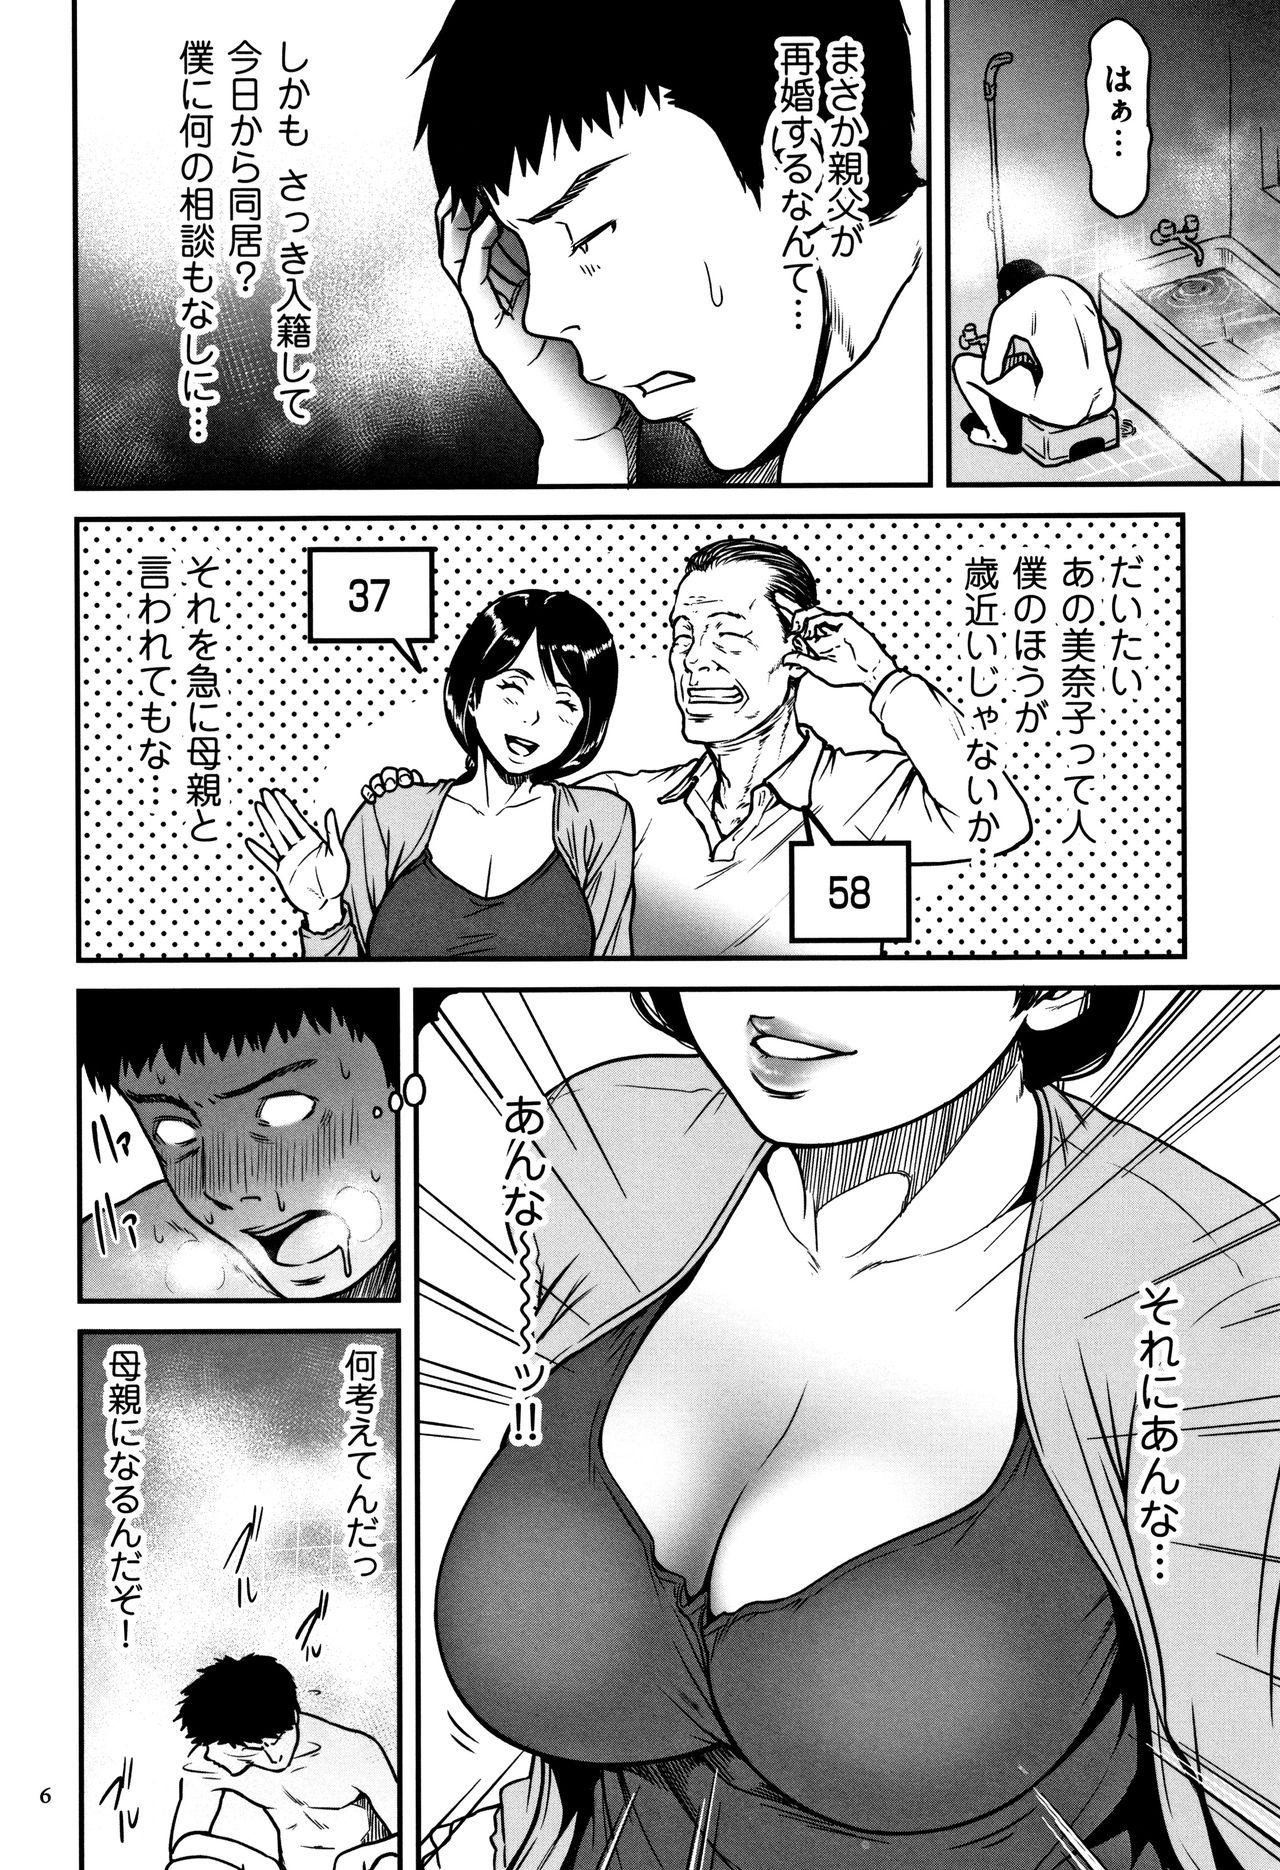 Tsumaiki - Tsuma no Ikigao ga Mitakute.... 6